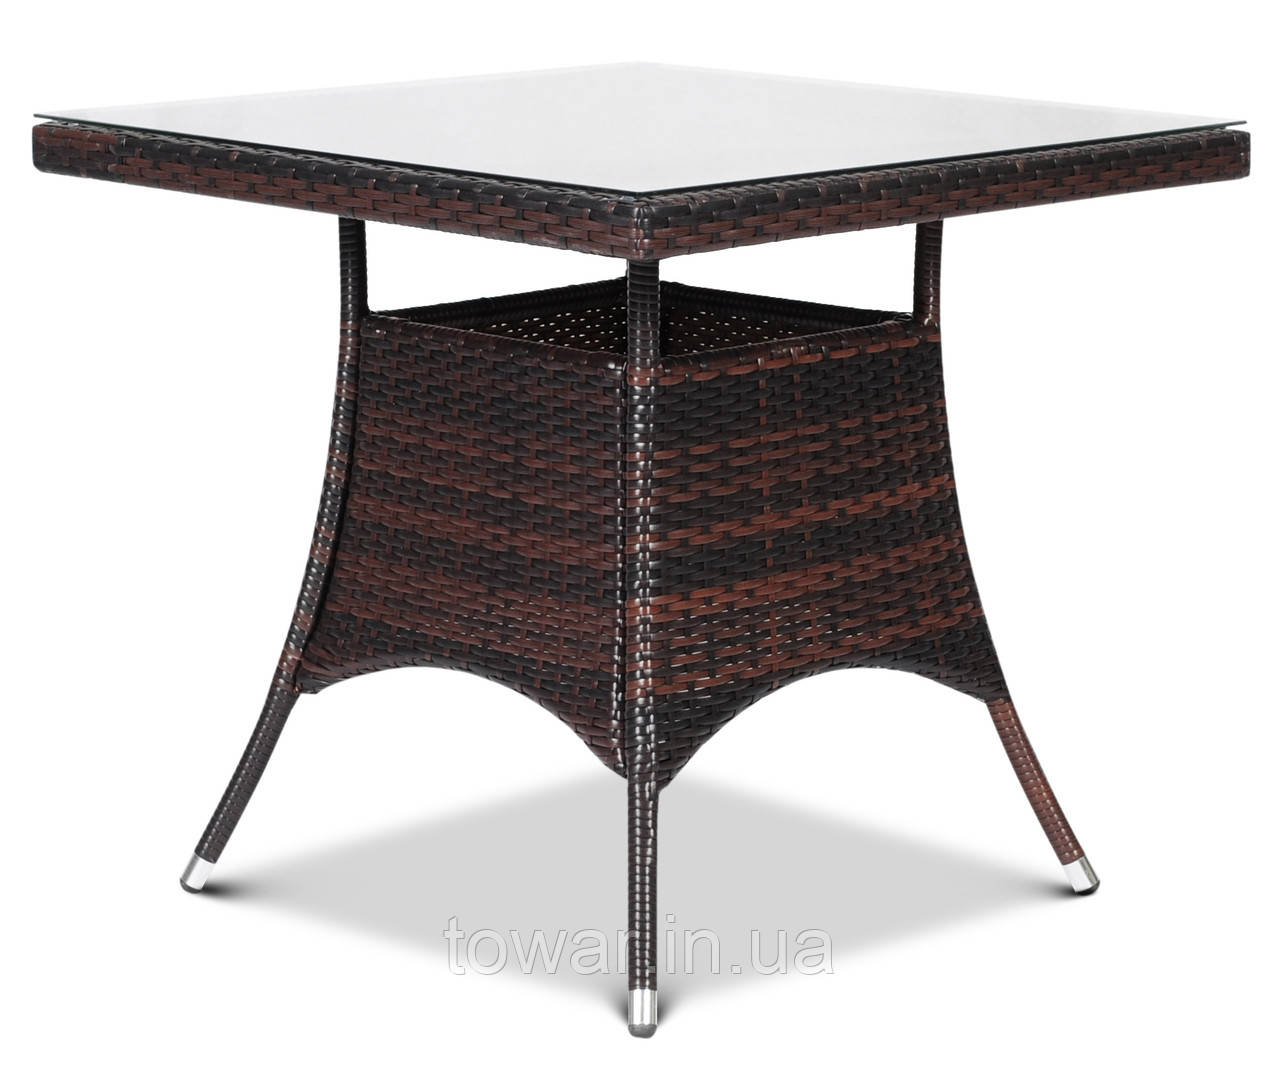 Садовый стол с стеклянным верхним стеклом LUGO